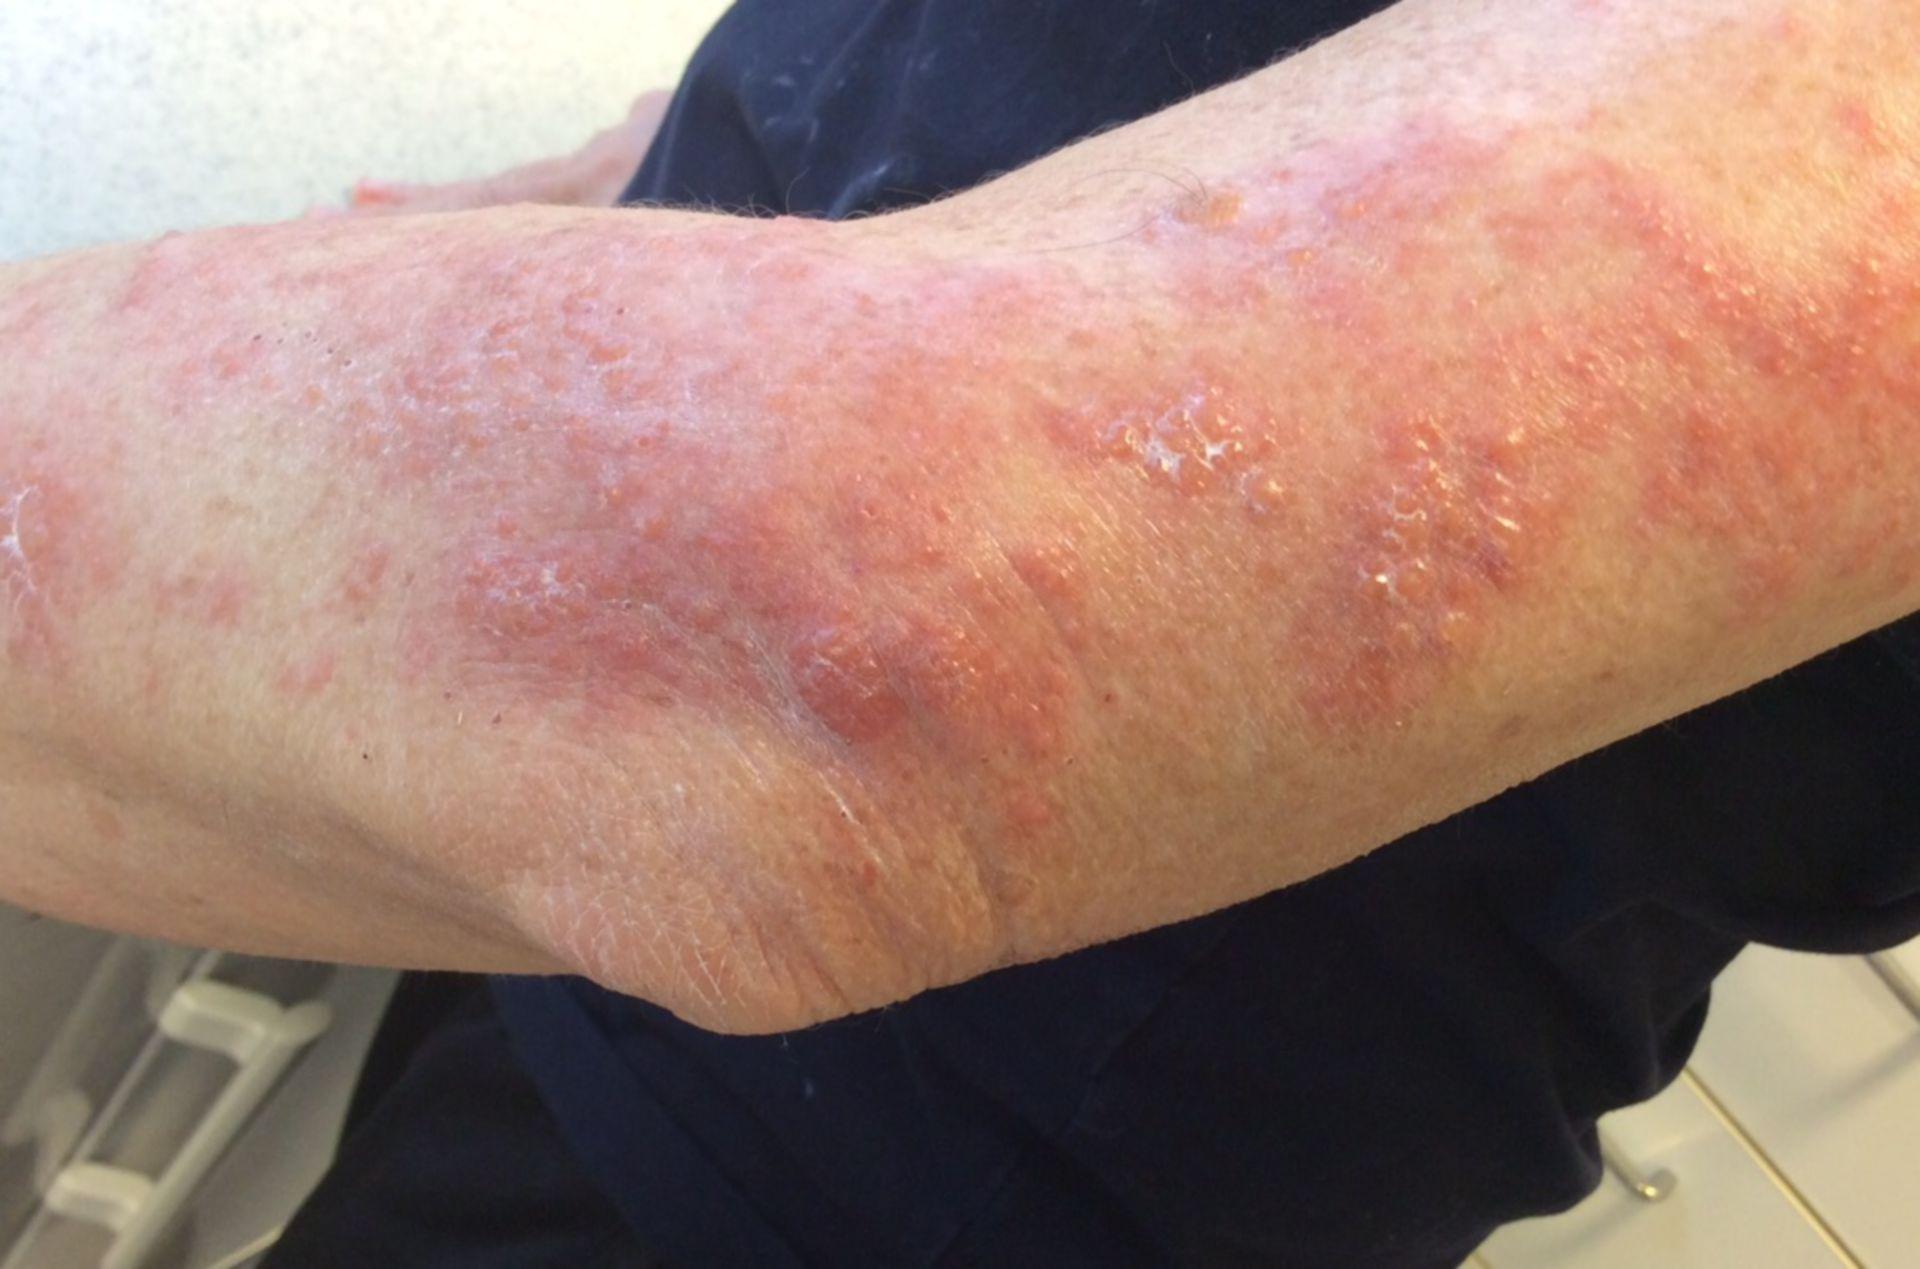 Herpes zoster Infektion des linken Armes